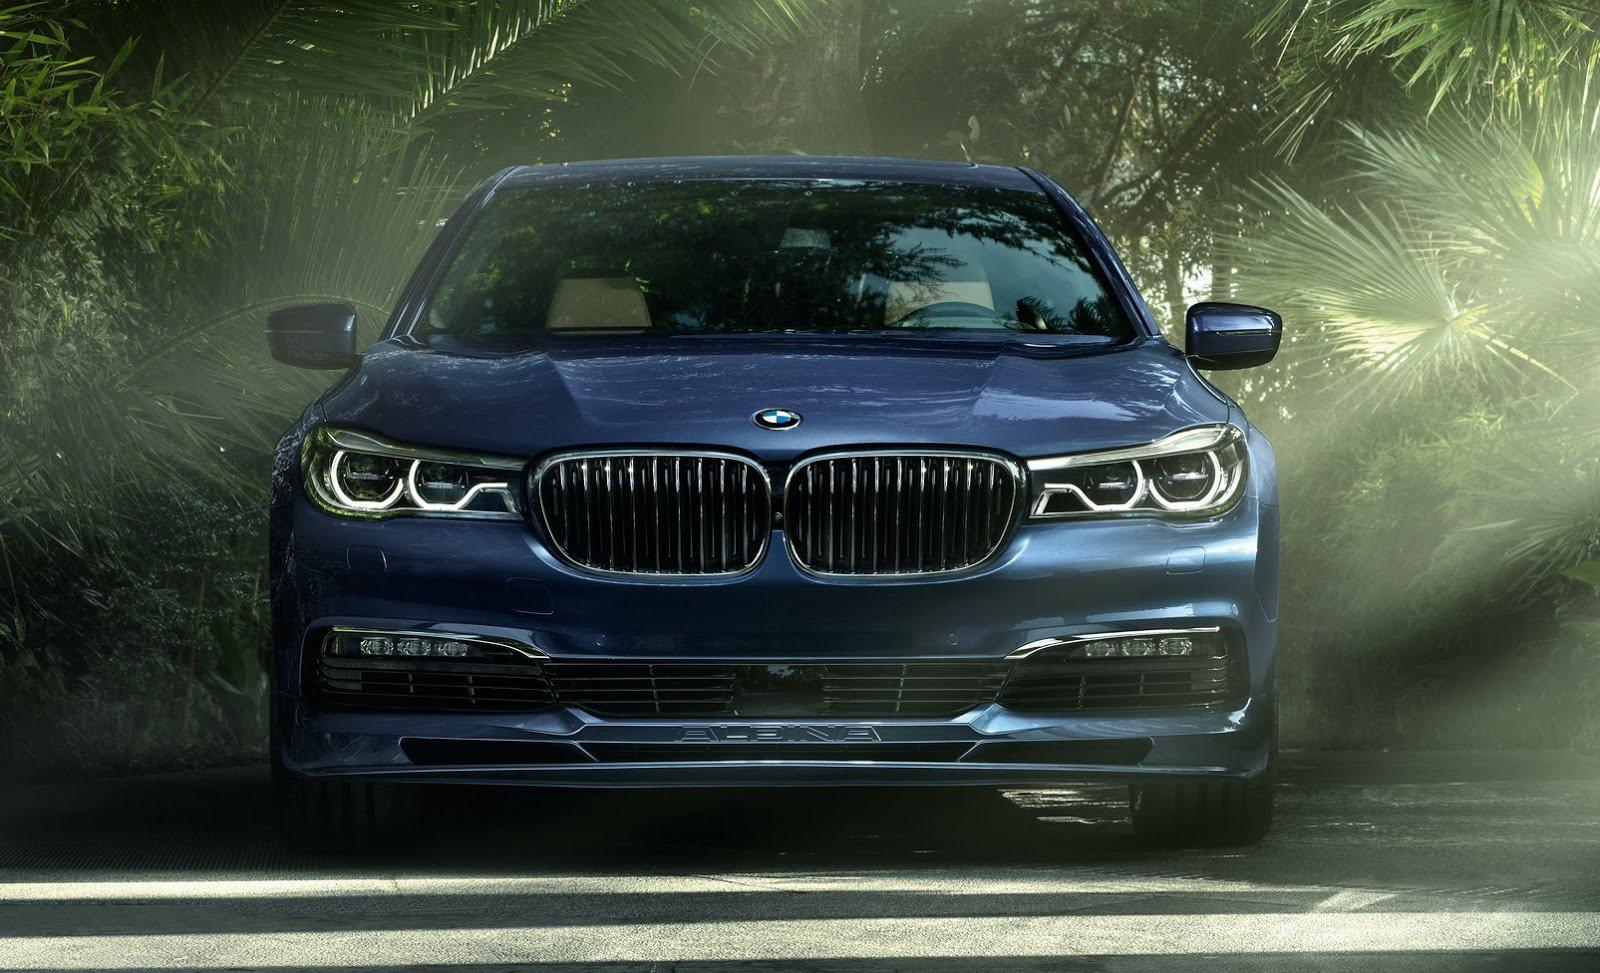 BMW Alpina B7 xDrive cars sedan blue modified wallpaper 1600x973 1600x973